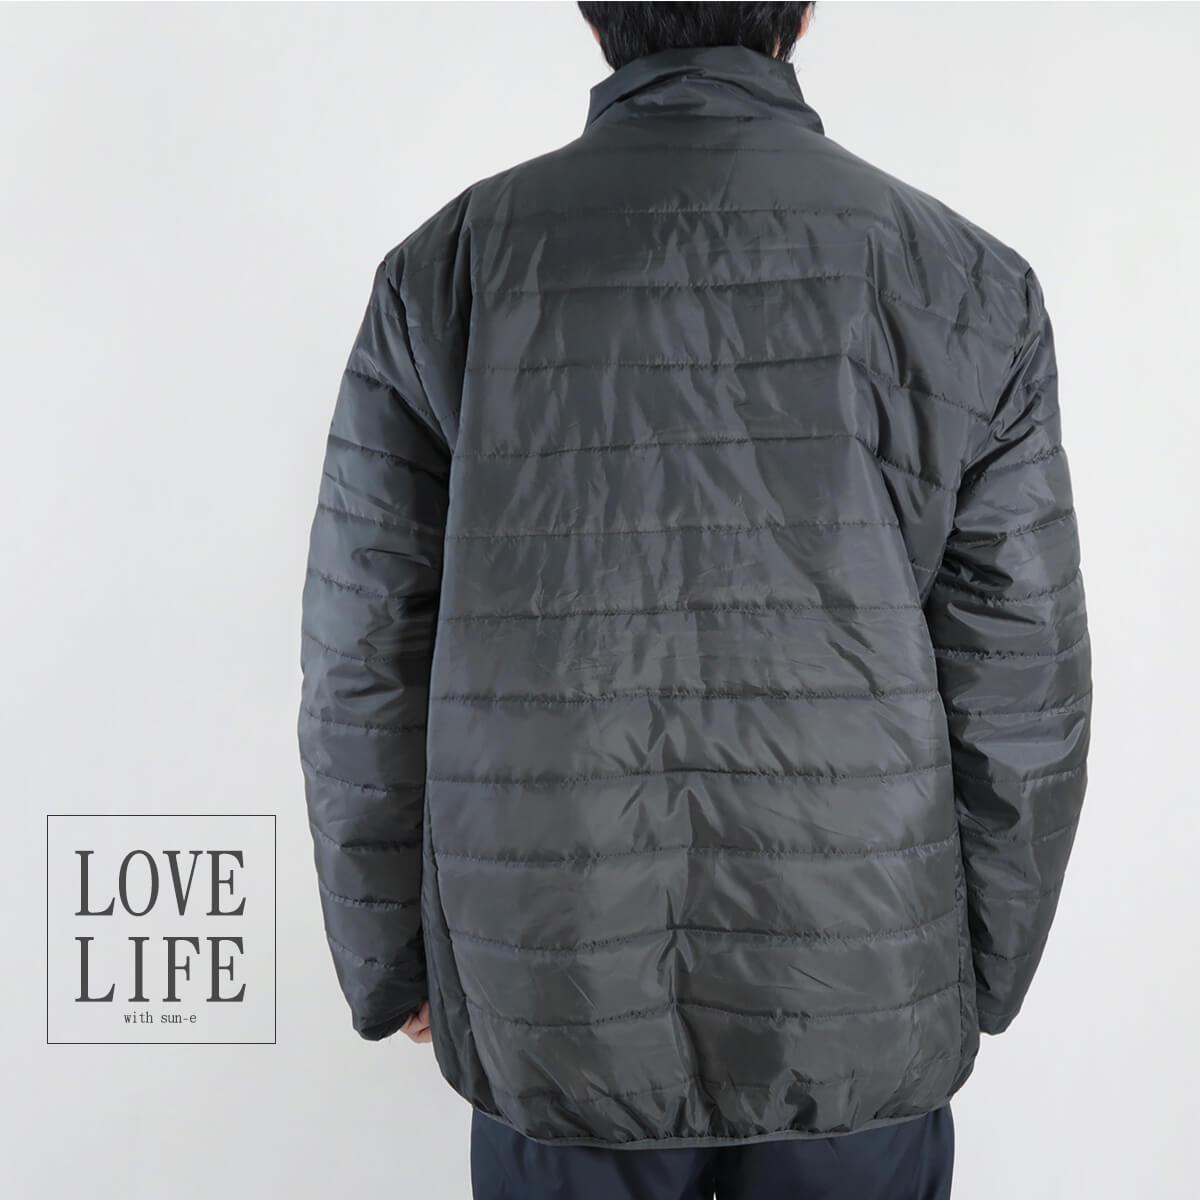 加大尺碼舖棉保暖外套 超輕量夾克外套 騎士外套 擋風外套 立領休閒外套 鋪棉外套 藍色外套 黑色外套 WARM PADDED JACKET (321-A831-08)深藍色、(321-A831-21)黑色、(321-A831-22)灰色 6L 7L 8L (胸圍58~62英吋) [實體店面保障] sun-e 3